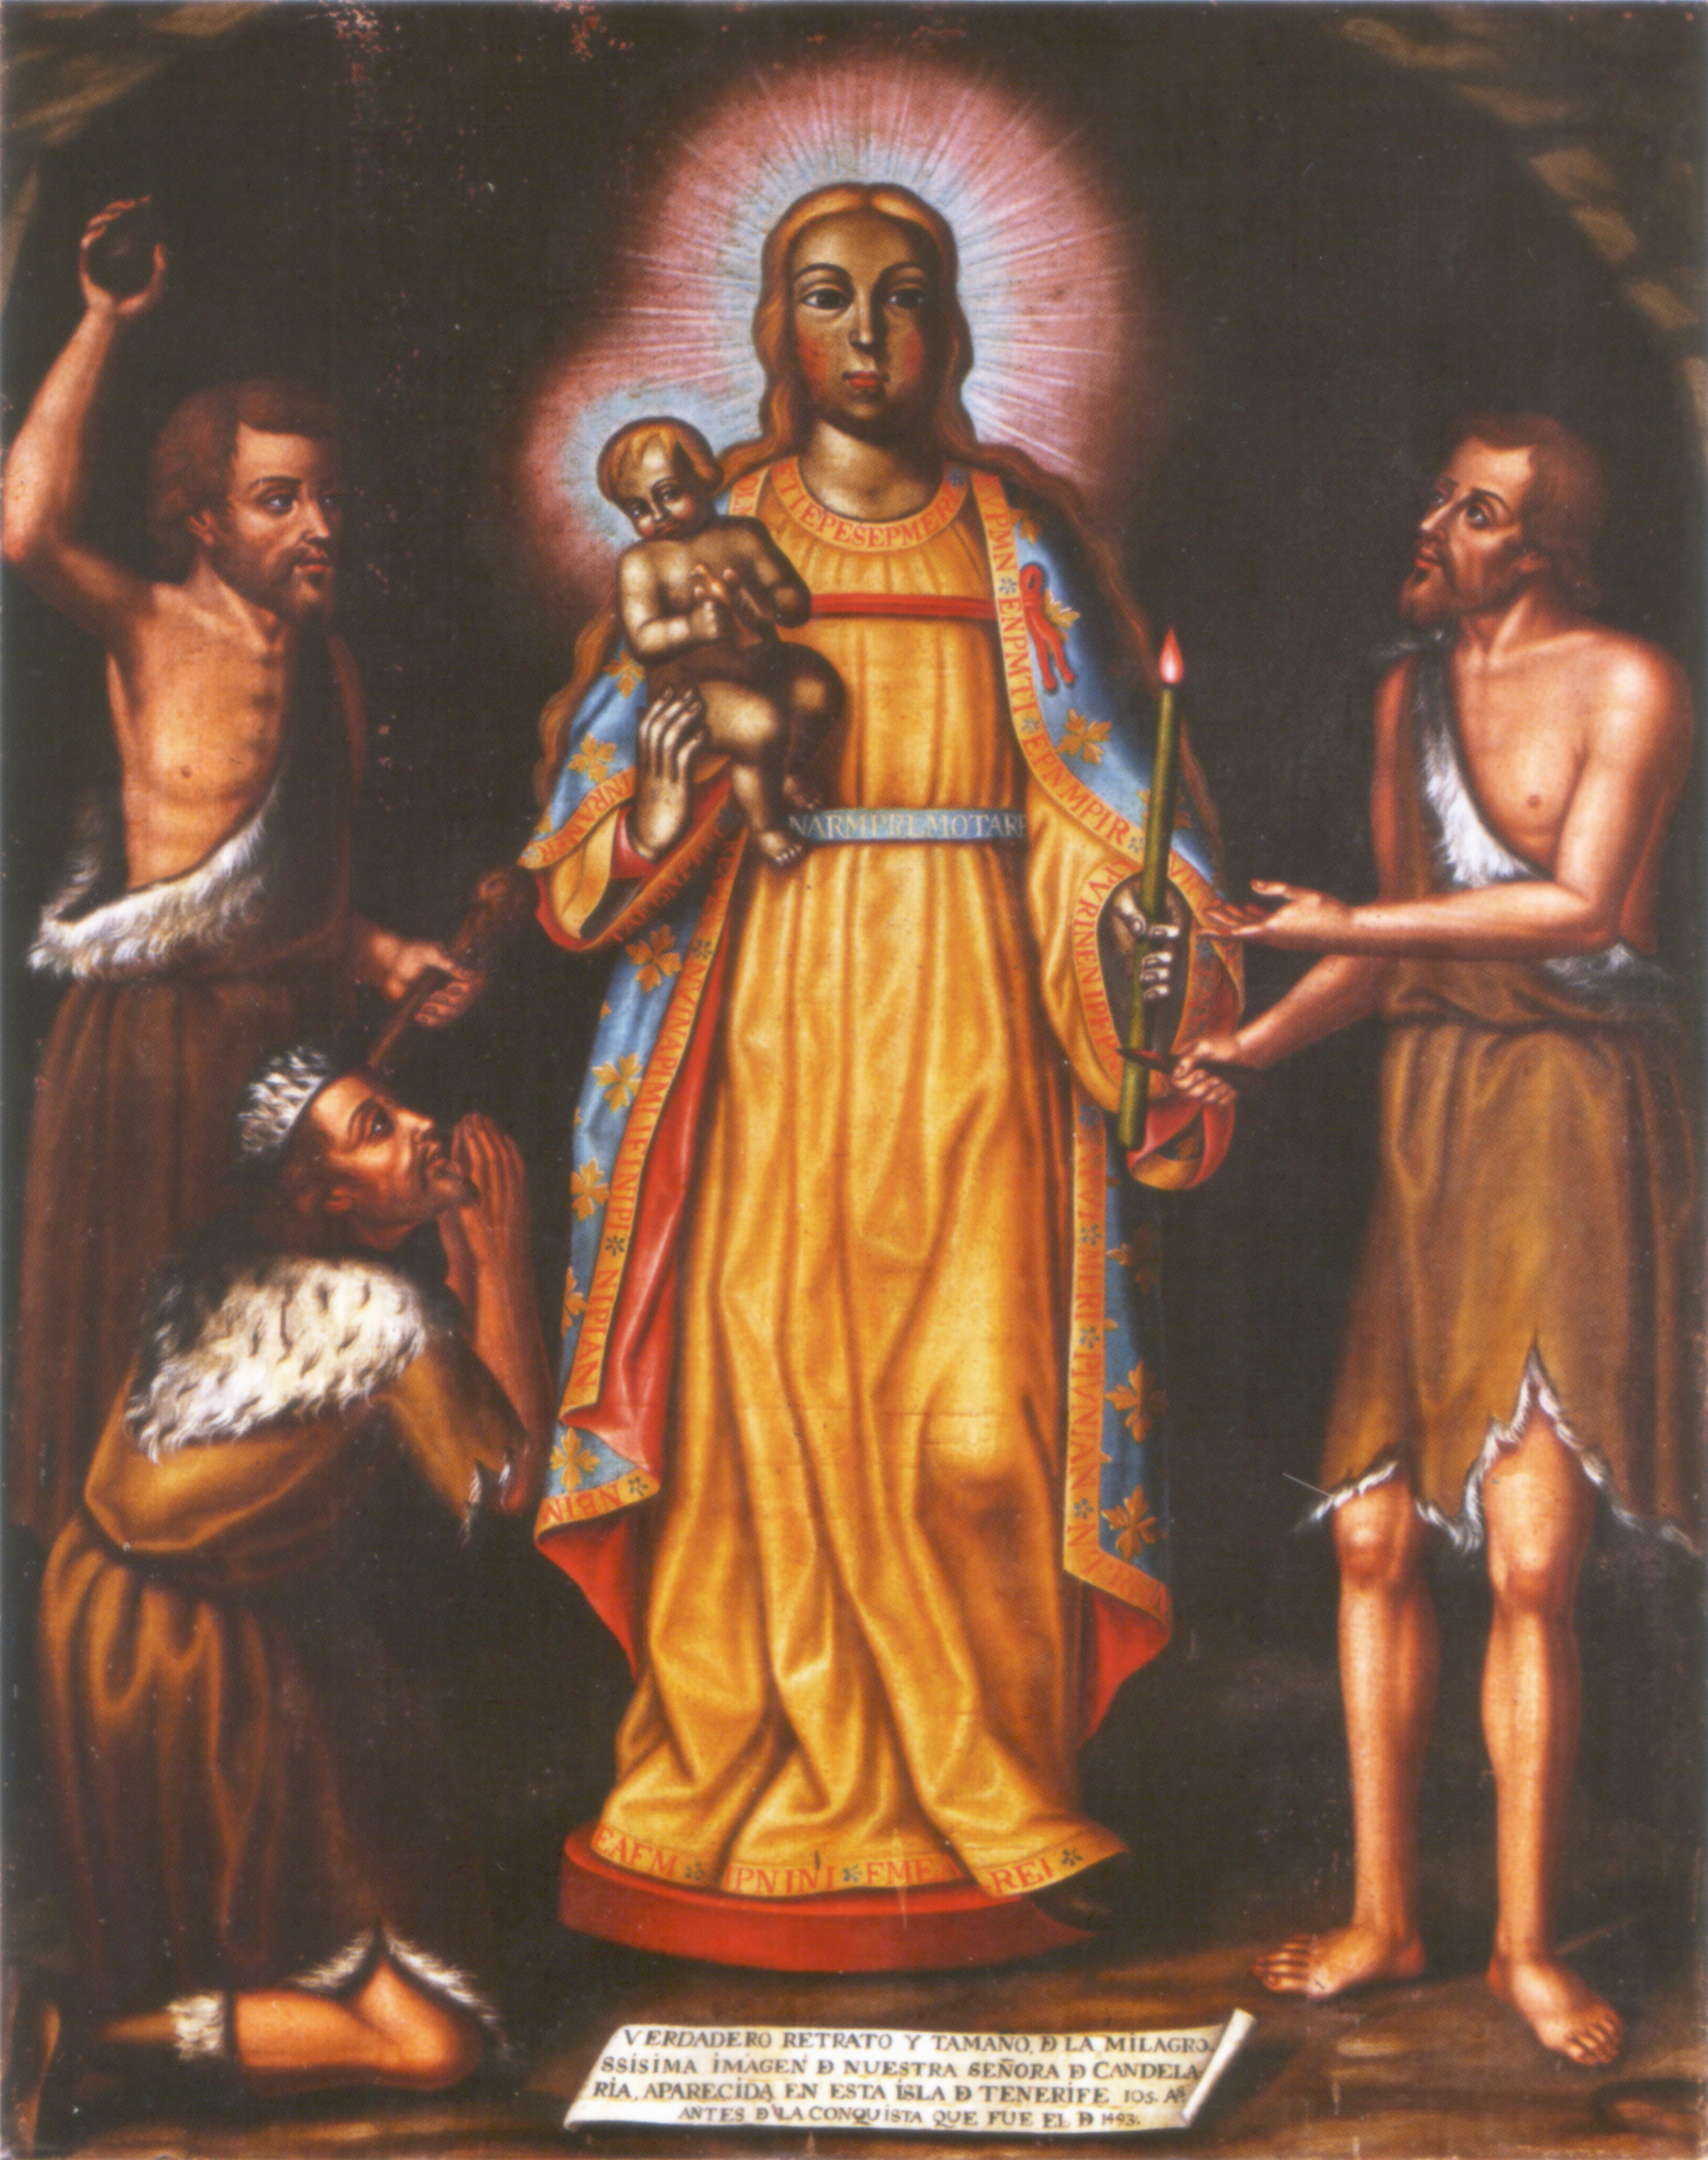 Apareció y Presidió la Colonización de América: Virgen de la Candelaria de Islas Canarias, España (2 feb, 15 ago)